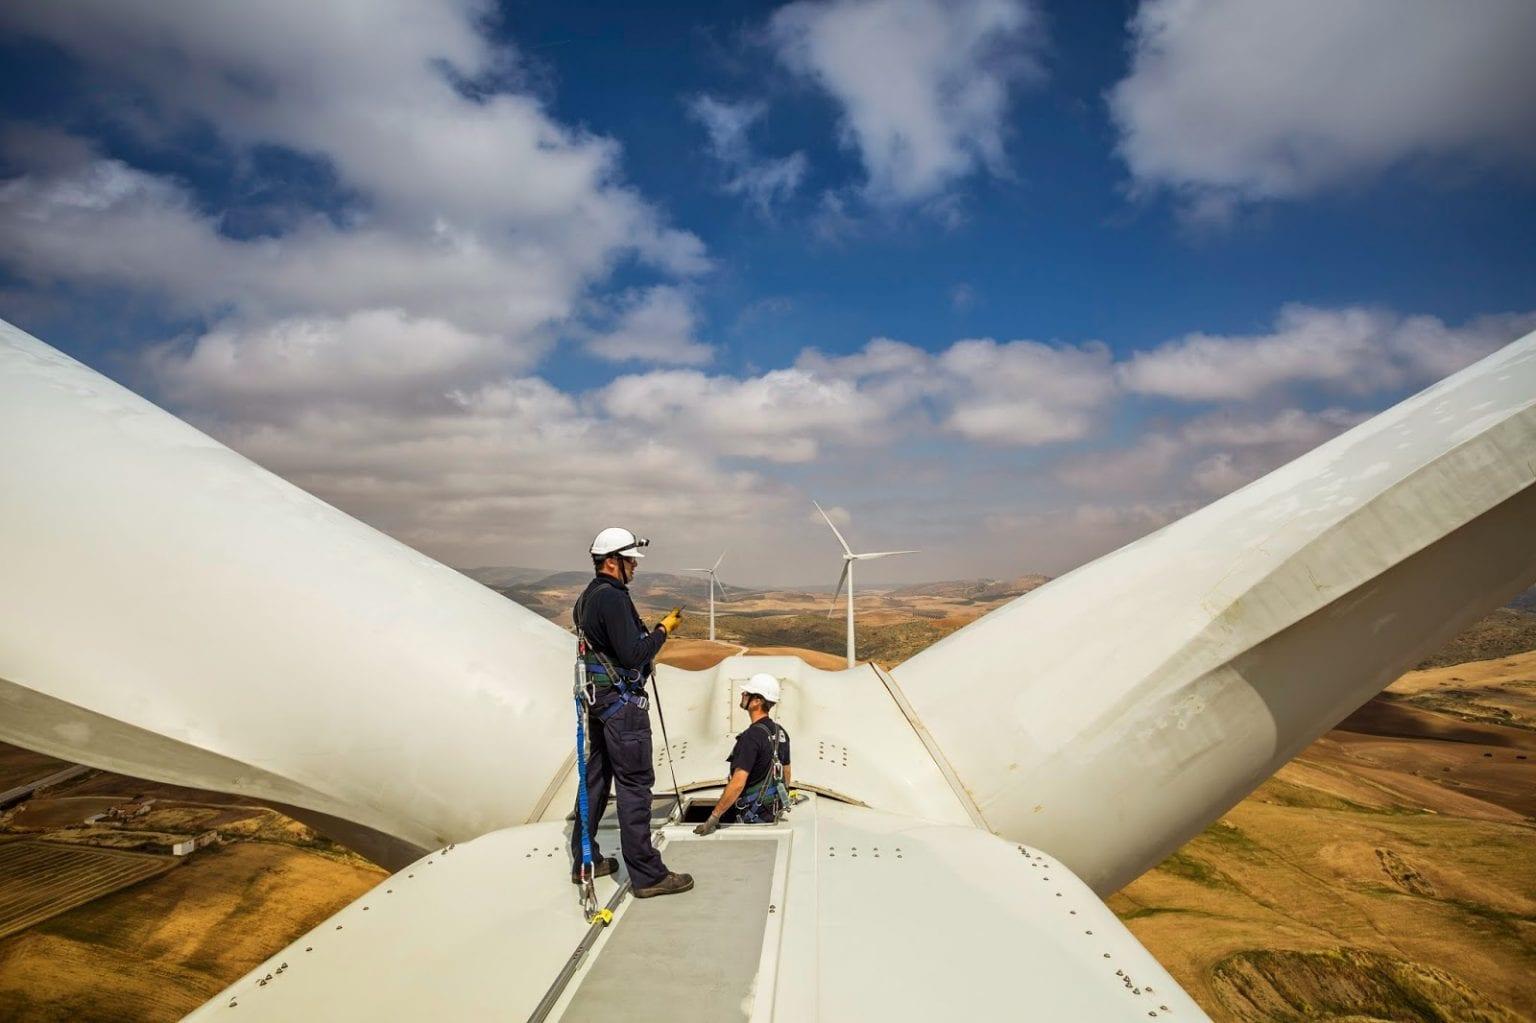 Oaxaca har de bedste vindforhold i Mexico og er hjemsted for foreløbig 27 vindmølleparker, leveret af internationale vindmøllegiganter som Siemens Gamesa, Enel og Vestas. Flere projekter er planlagt i de kommende år. Foto: Siemens Gamesa